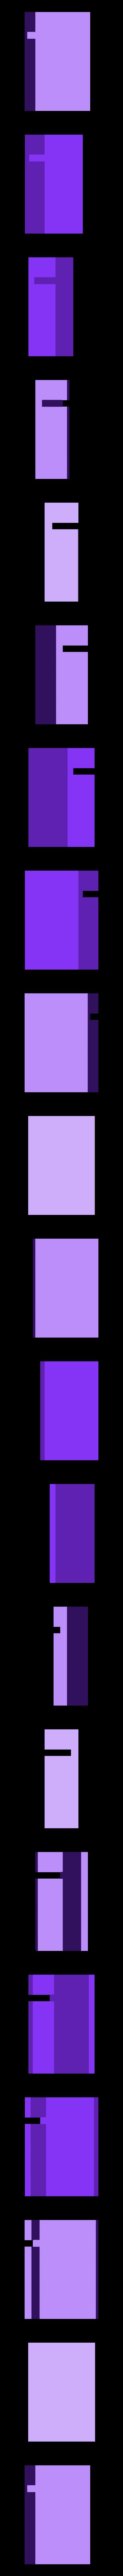 Base.stl Download STL file Neo-shelf • 3D print design, Log5